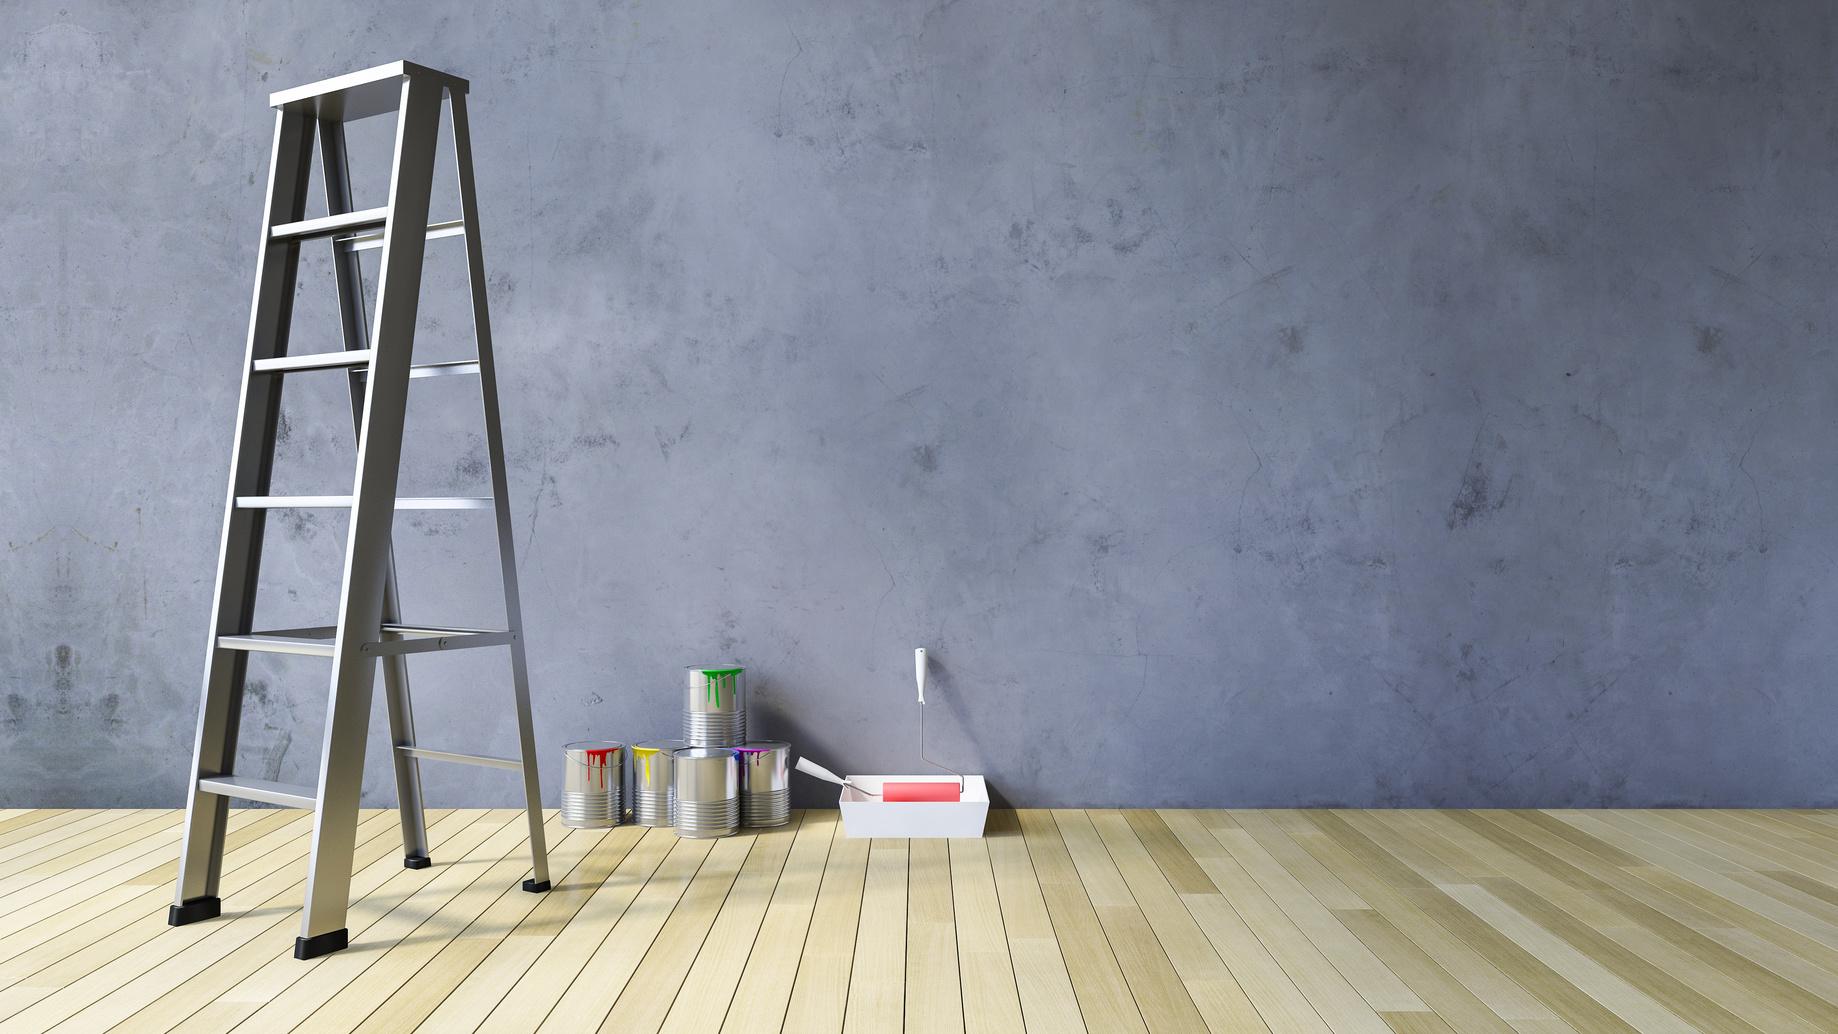 malowanie ścian farba nie schnie